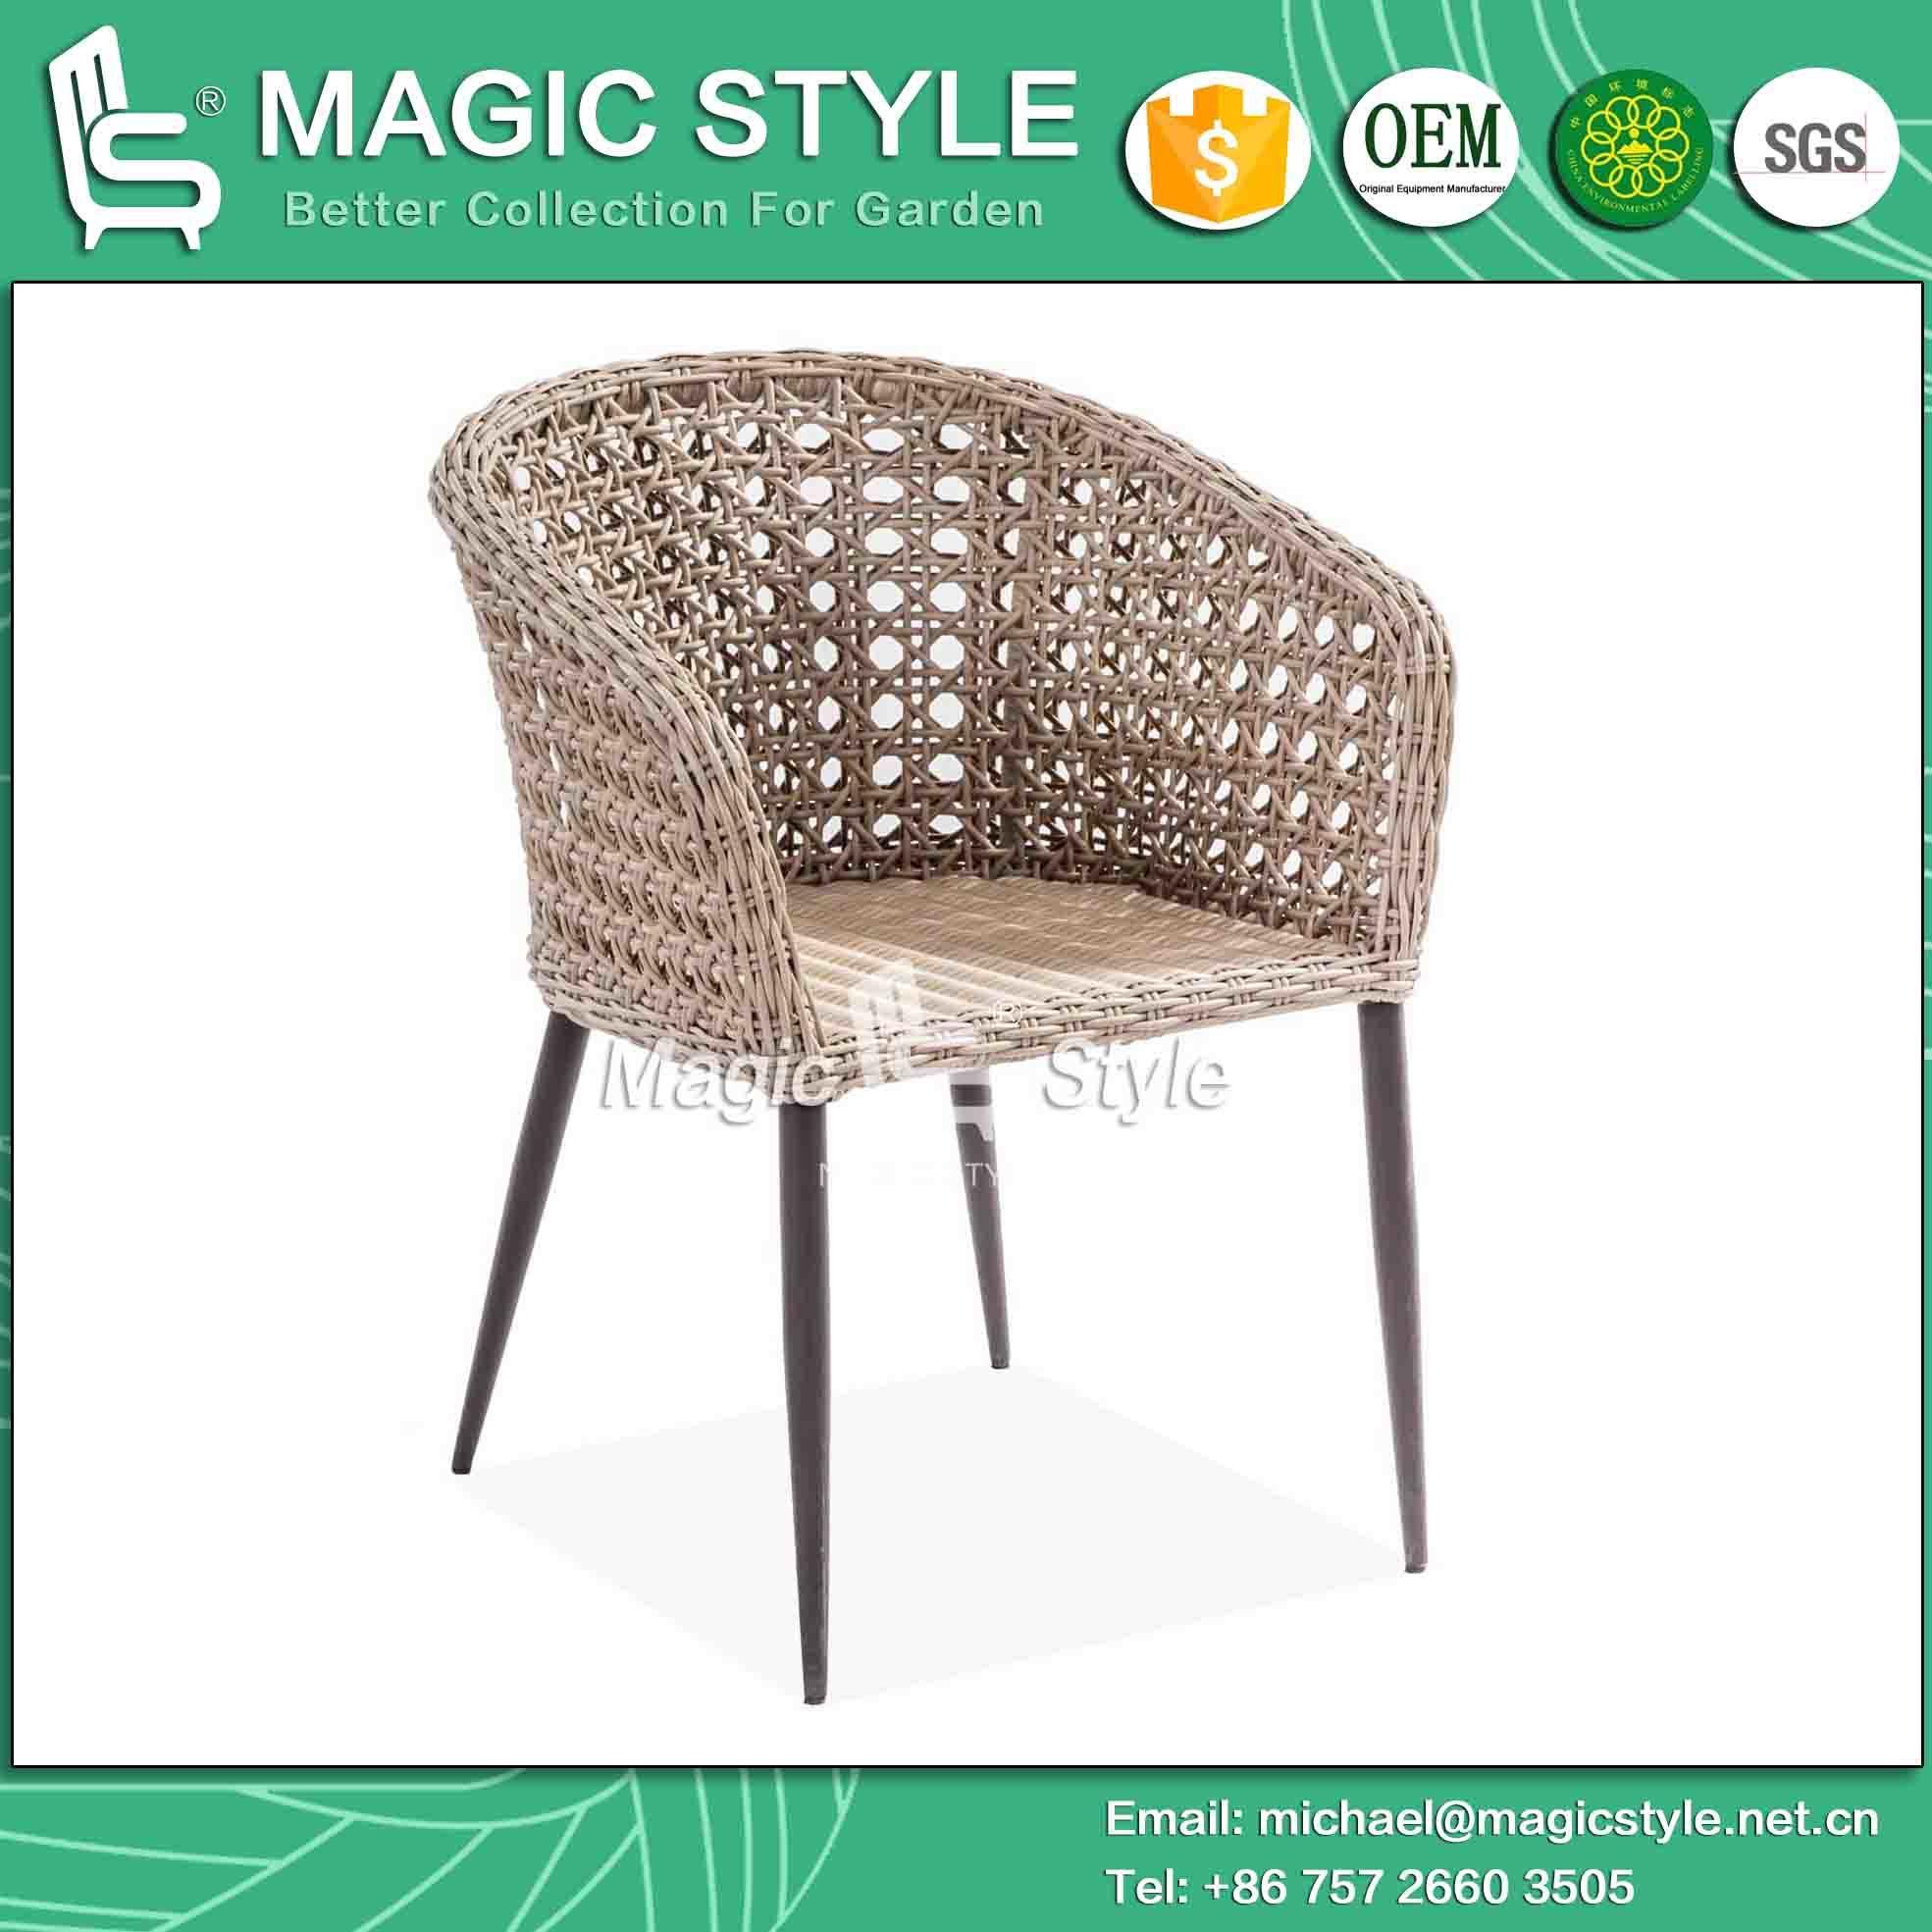 Patio Chair New Design Chair Coffee Chair Rattan Chair Wicker Chair High Quality Chair (Magic Style)